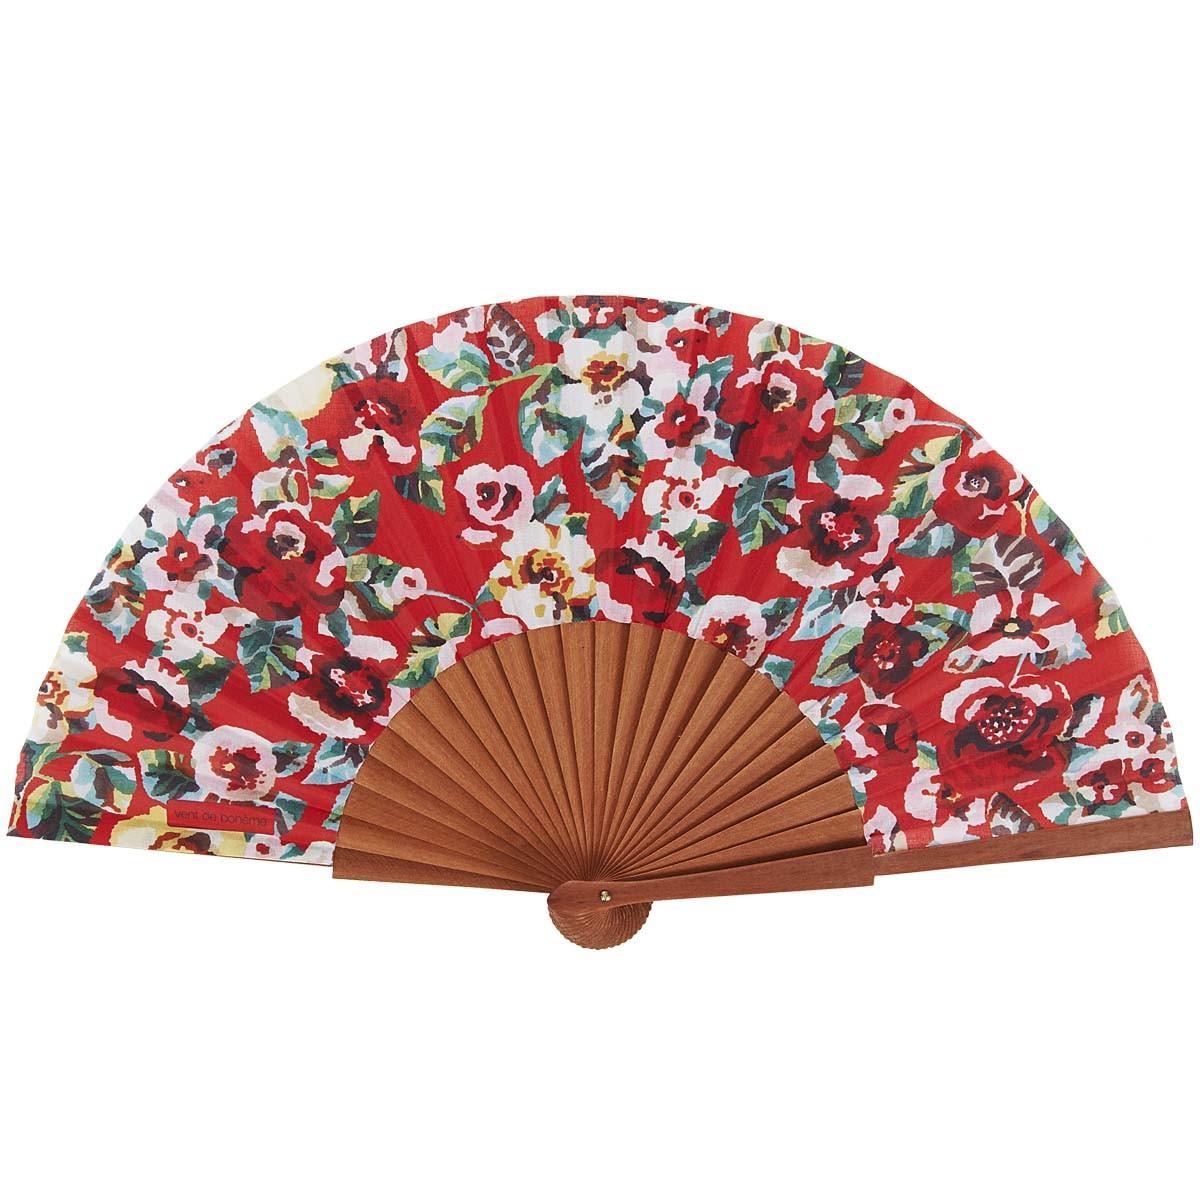 Éventail en bois de merisier et coton fleuri rouge